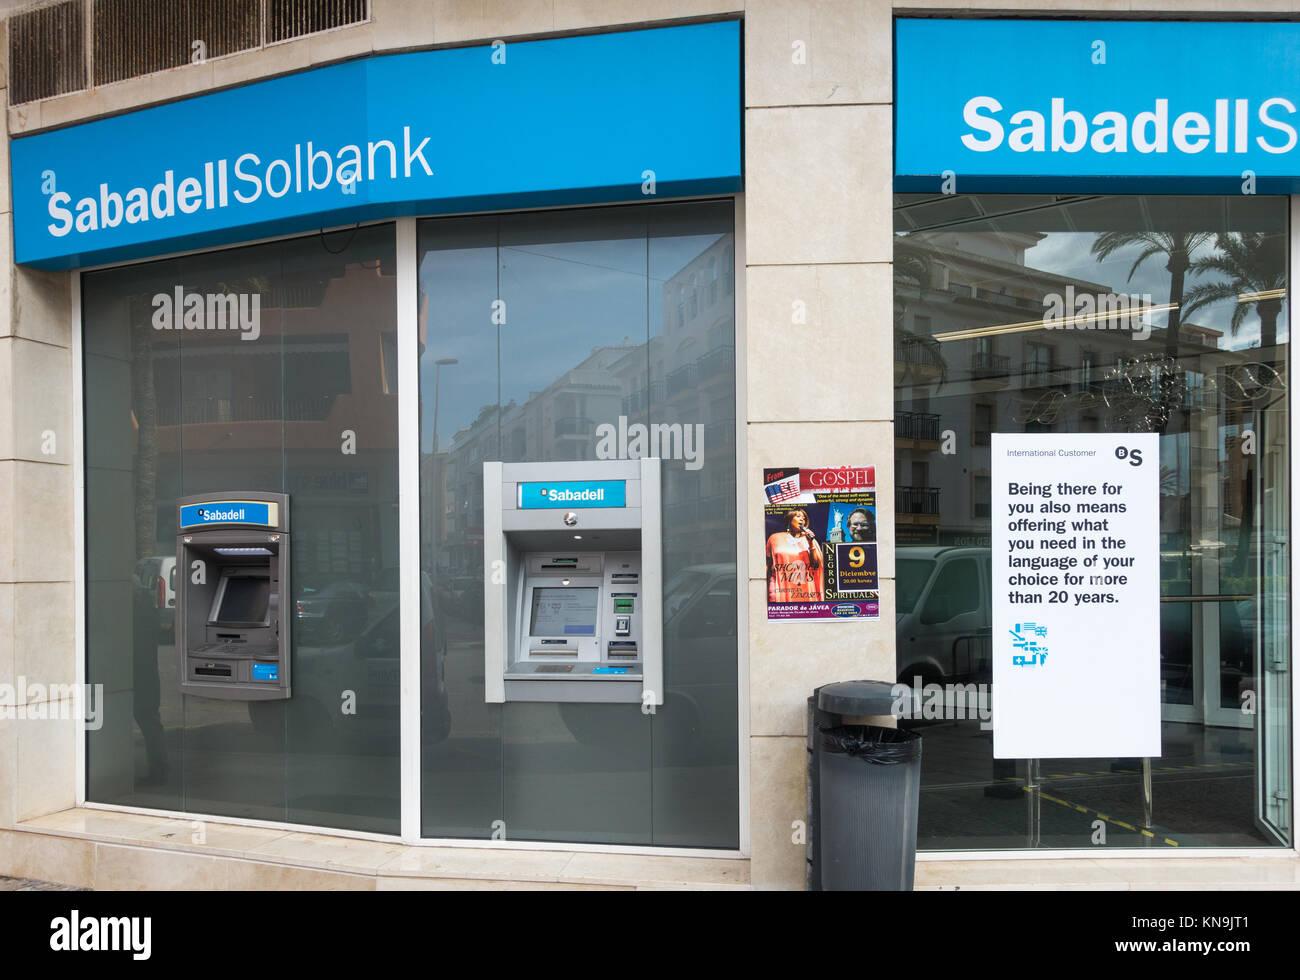 Sabadell im genes de stock sabadell fotos de stock alamy for Oficinas sabadell malaga